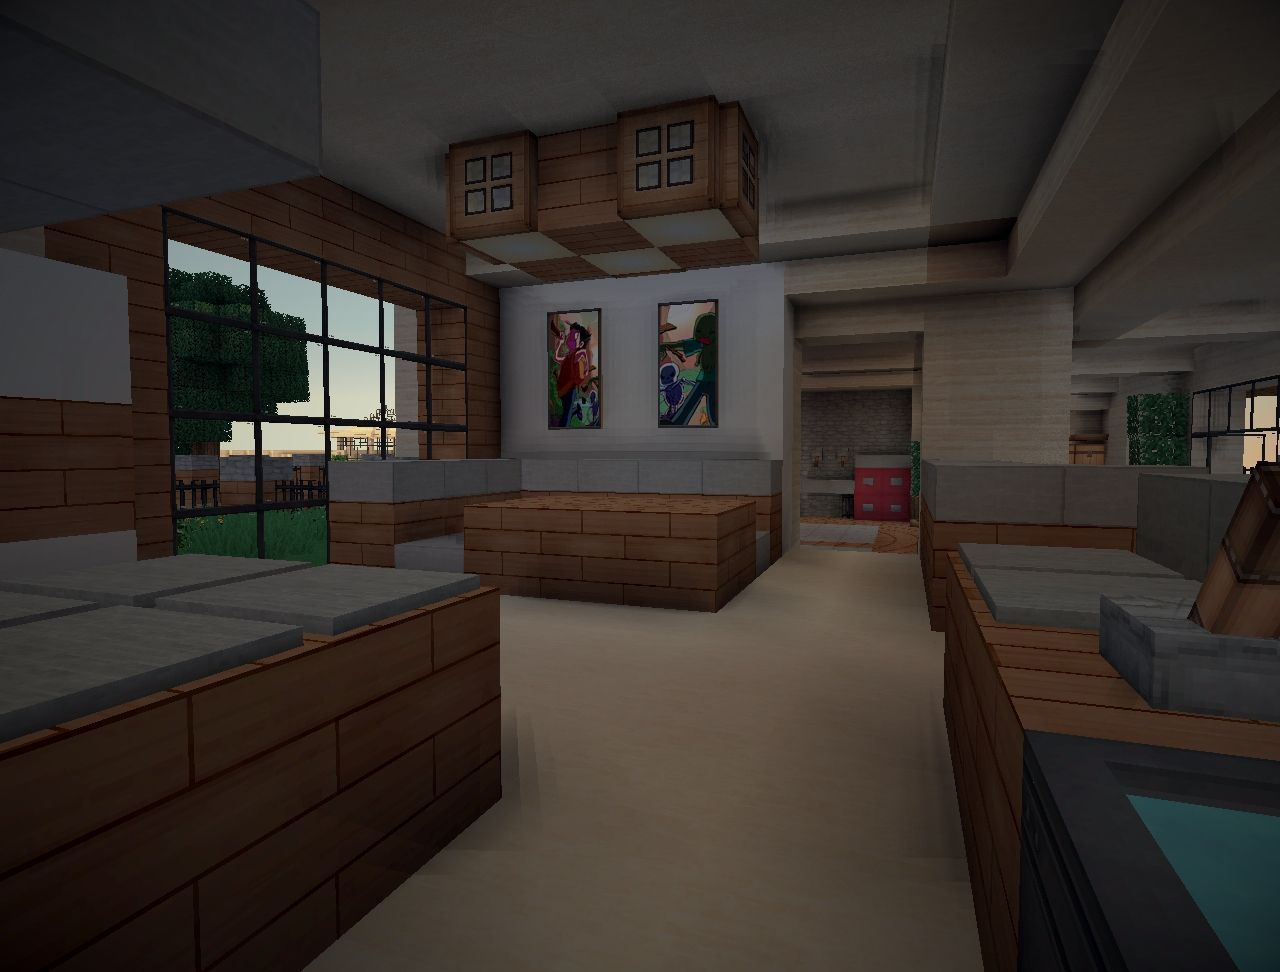 Full Size of Minecraft Küche Kitchen Designs Kitchens Furniture Modern Style Aufbewahrung Hochglanz Grau Weiße Grillplatte Büroküche Handtuchhalter Salamander Wohnzimmer Minecraft Küche